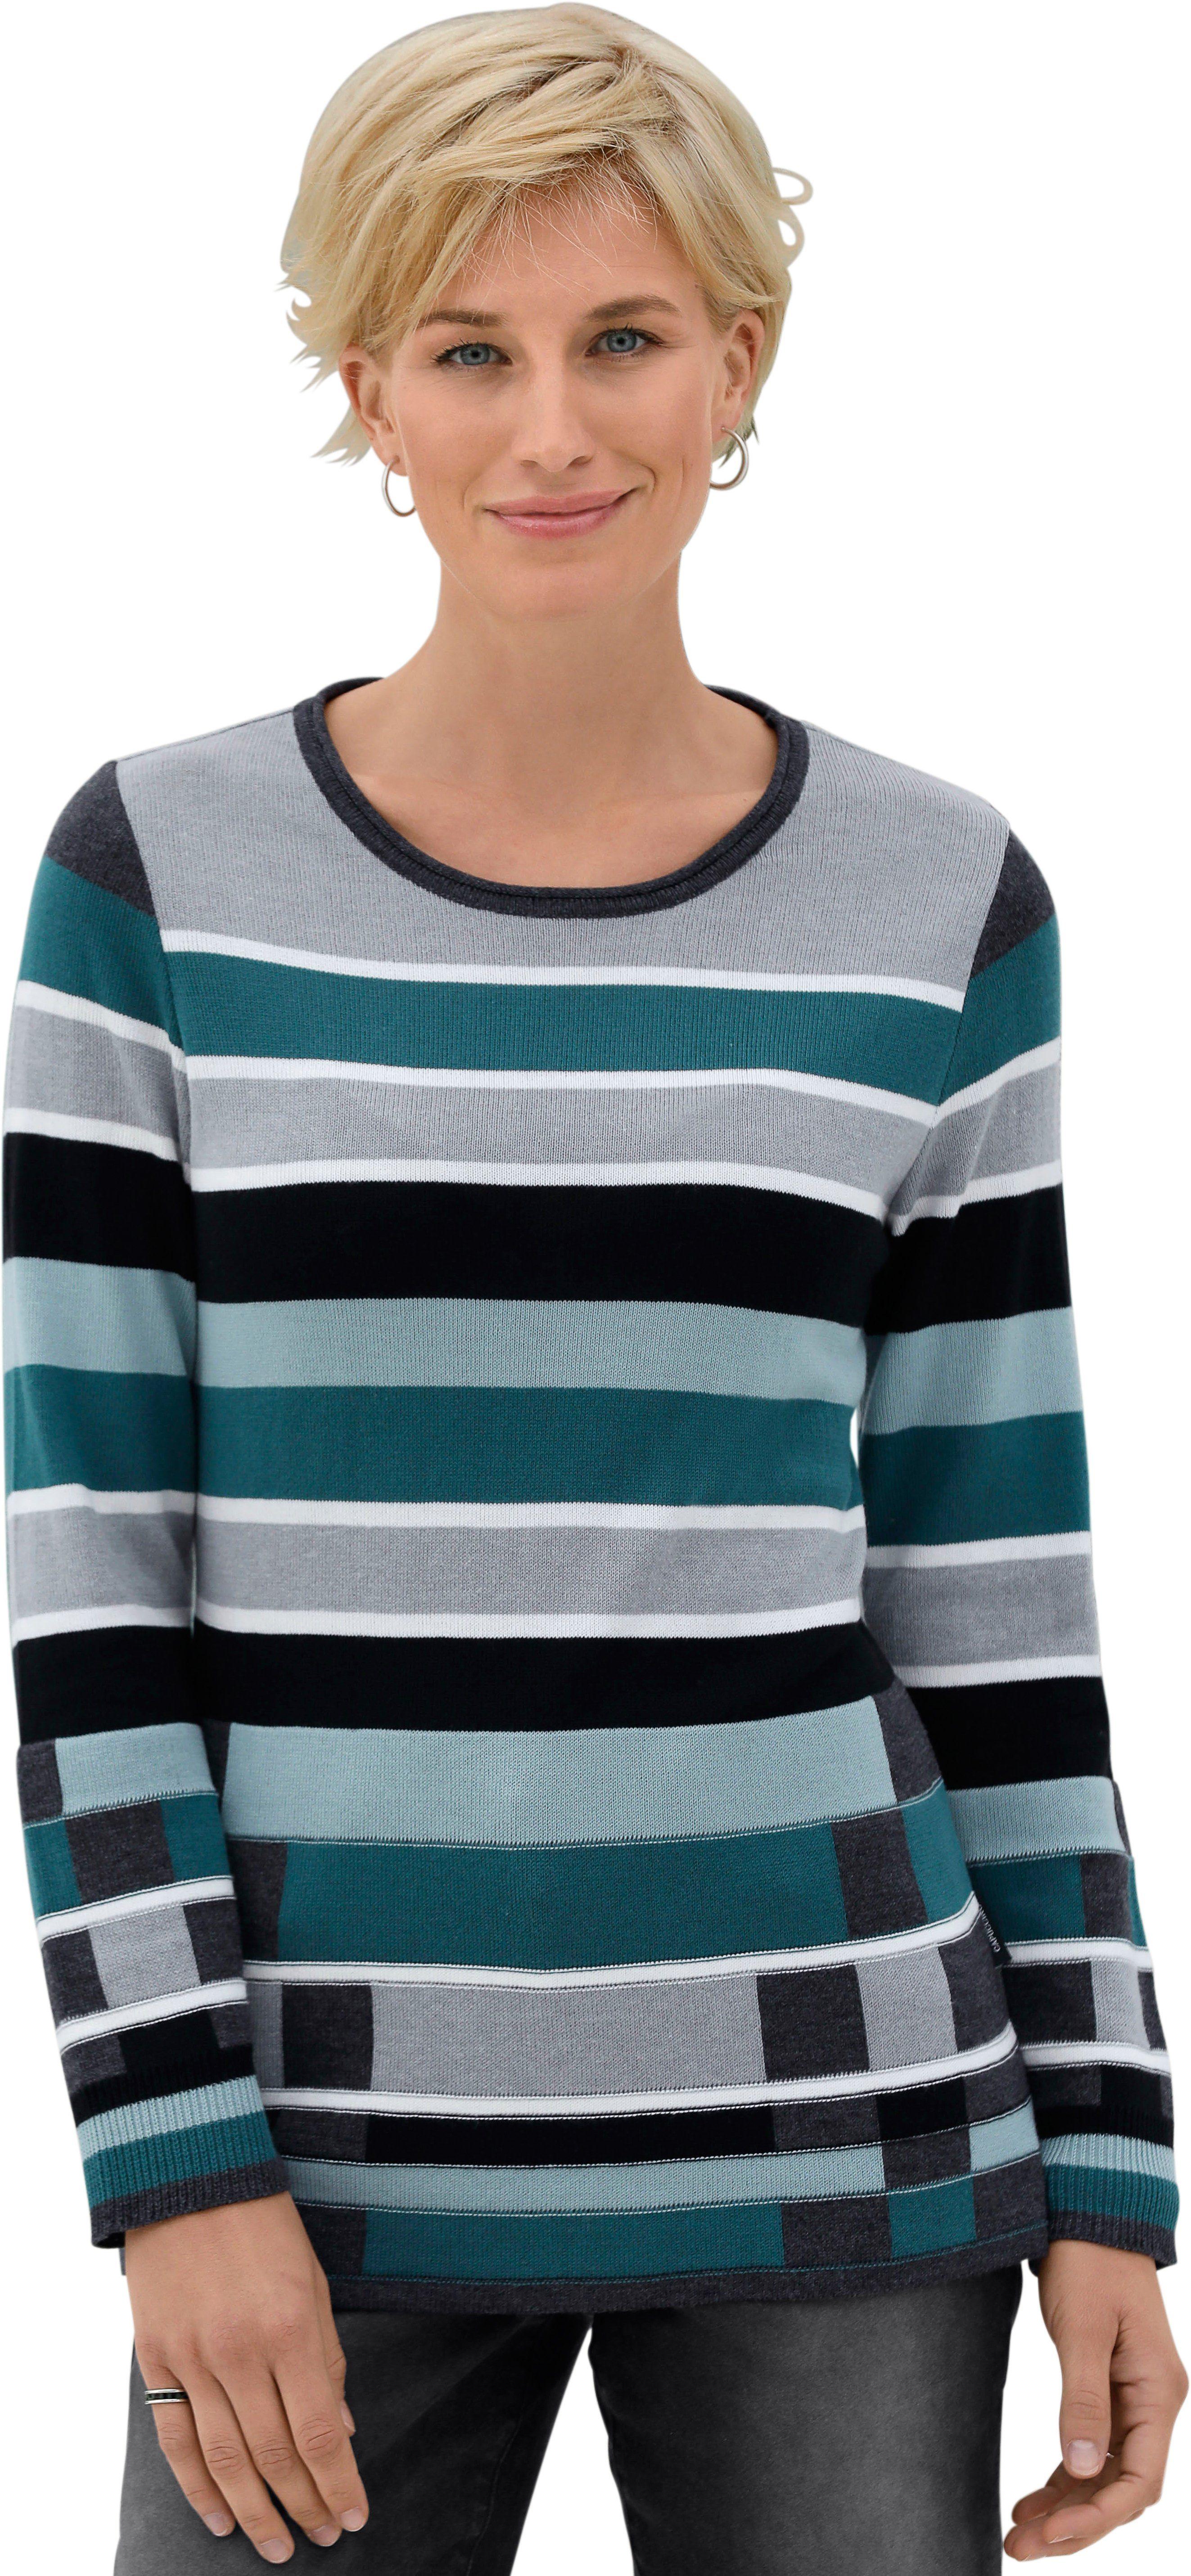 Casual Looks Pullover mit flott gestreiftem Muster